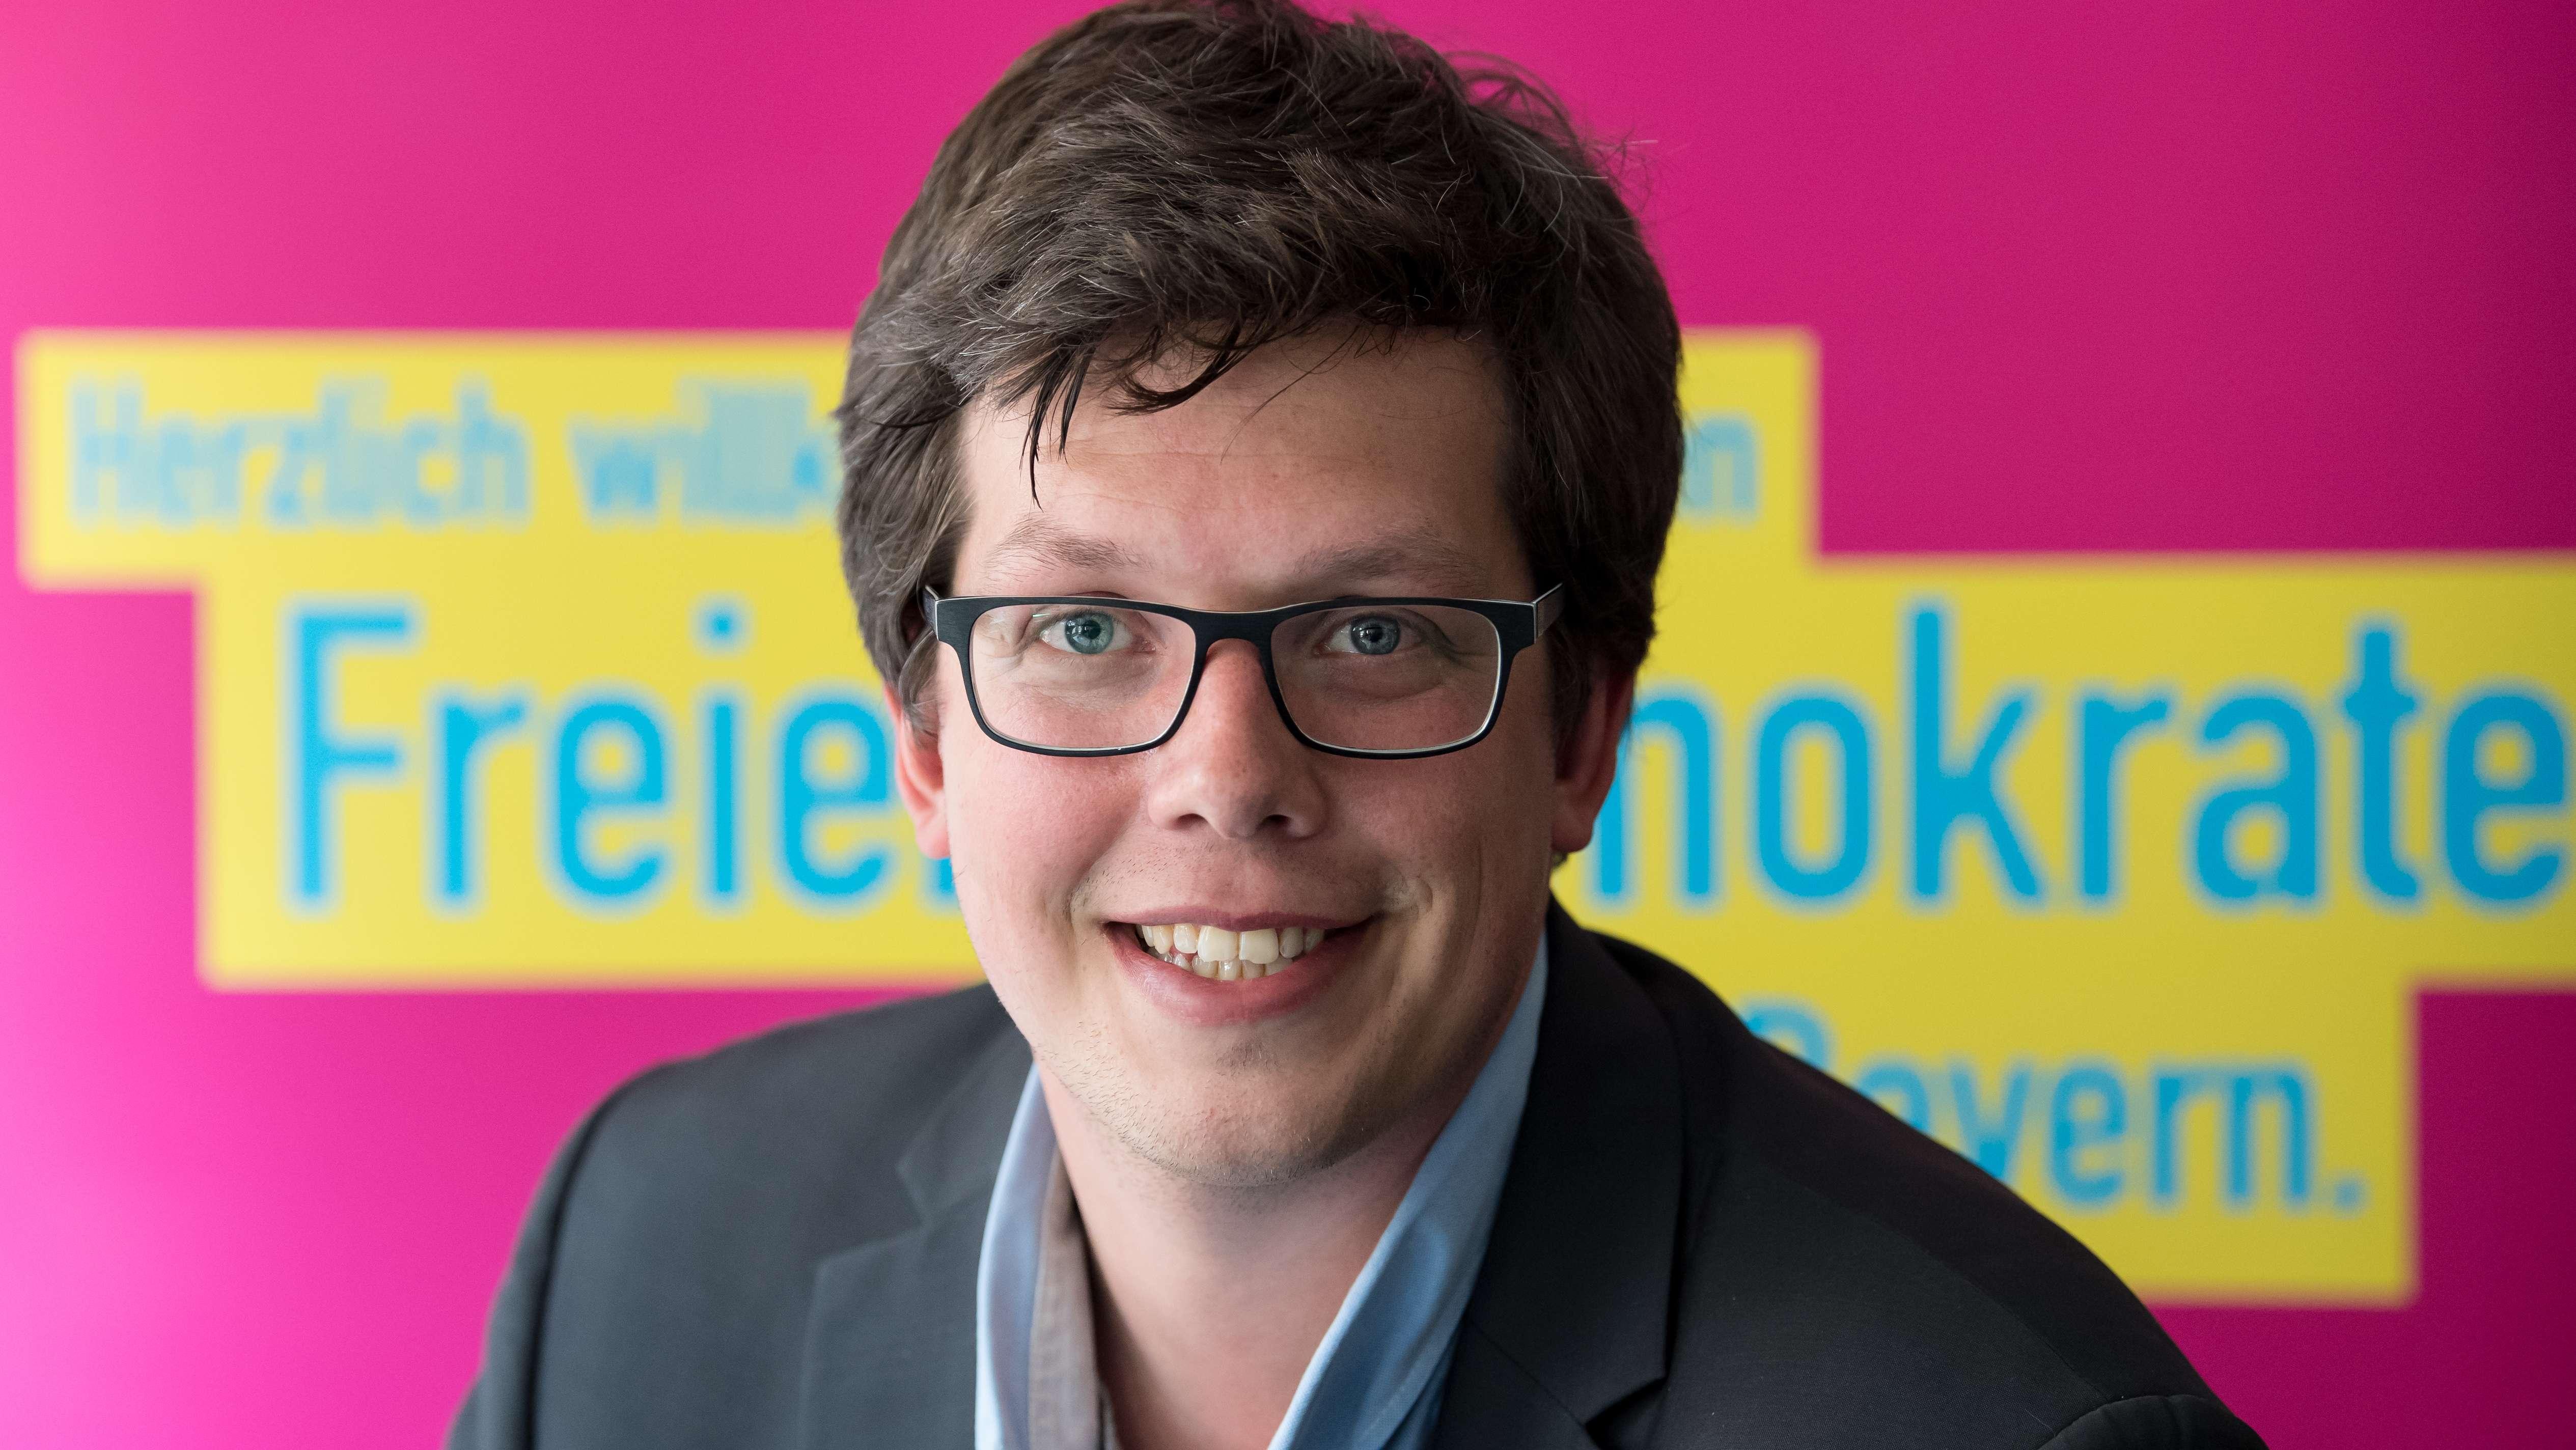 Der neue Bundestagsabgeordnete Lukas Köhler (FDP) aufgenommen am 26.09.2017 in der Bayern-FDP Zentrale in München (Bayern)